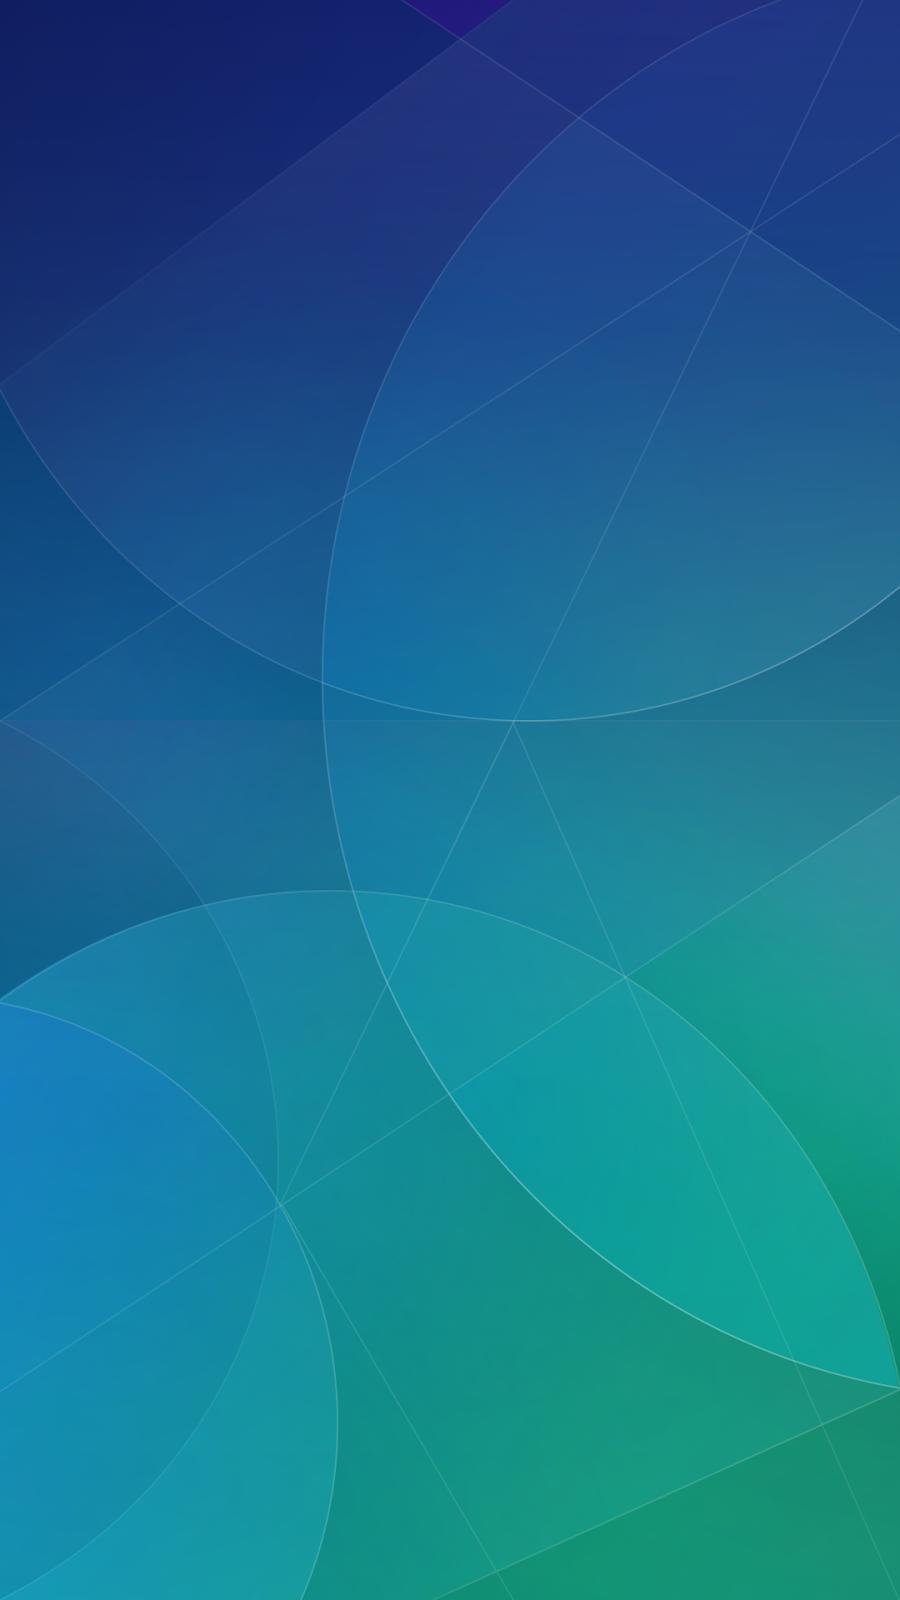 Xiaomi Mi Note Lockscreen Wallpapers | Xiaomi Smartphones